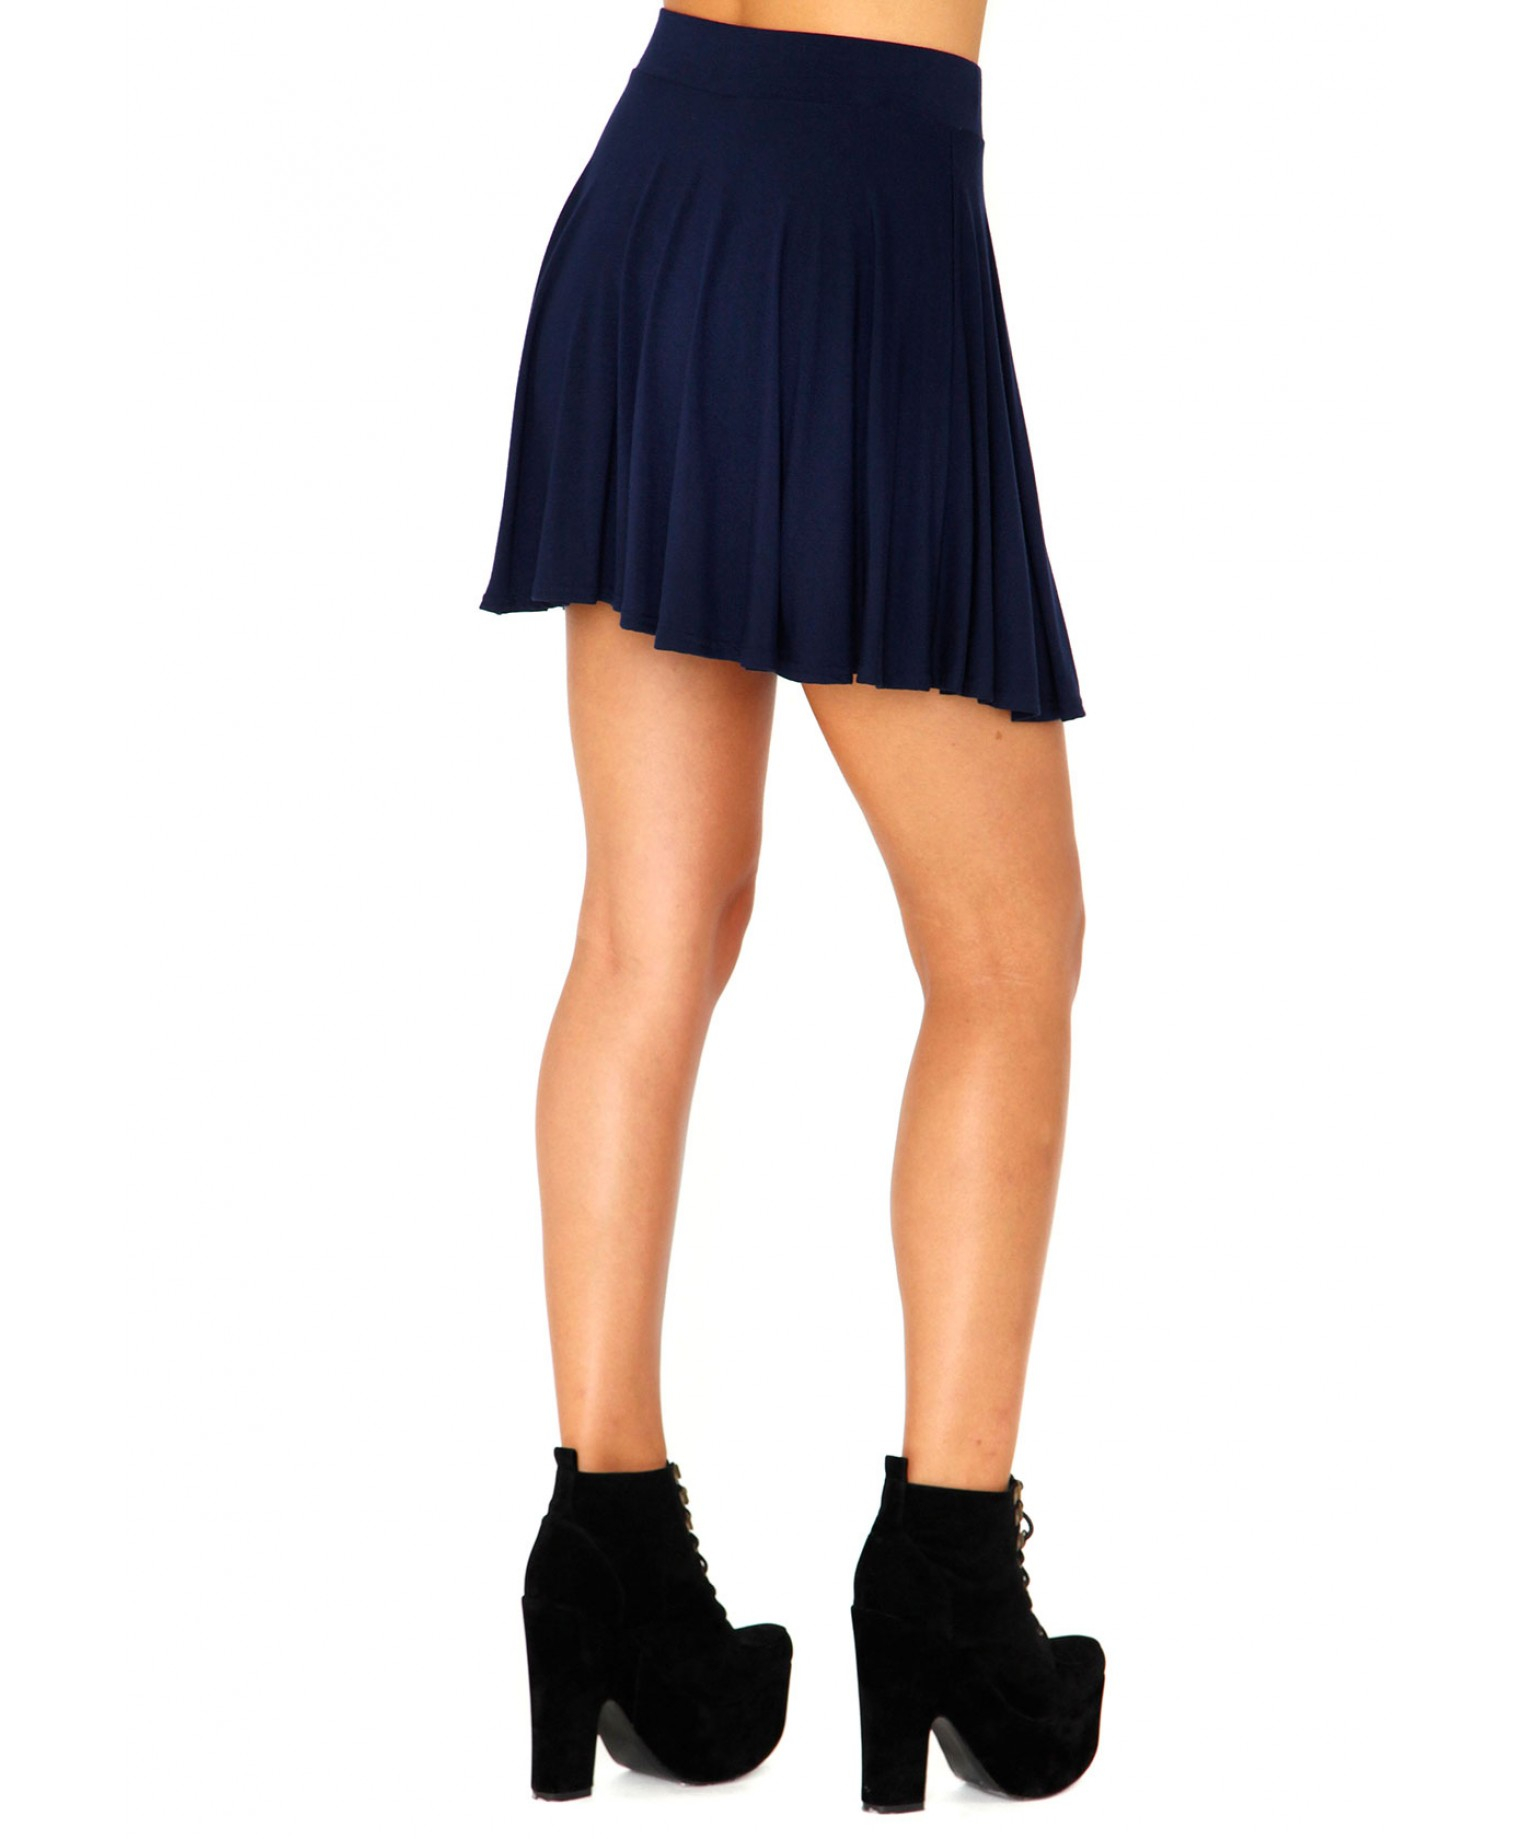 missguided briae mini skater skirt in navy in blue navy